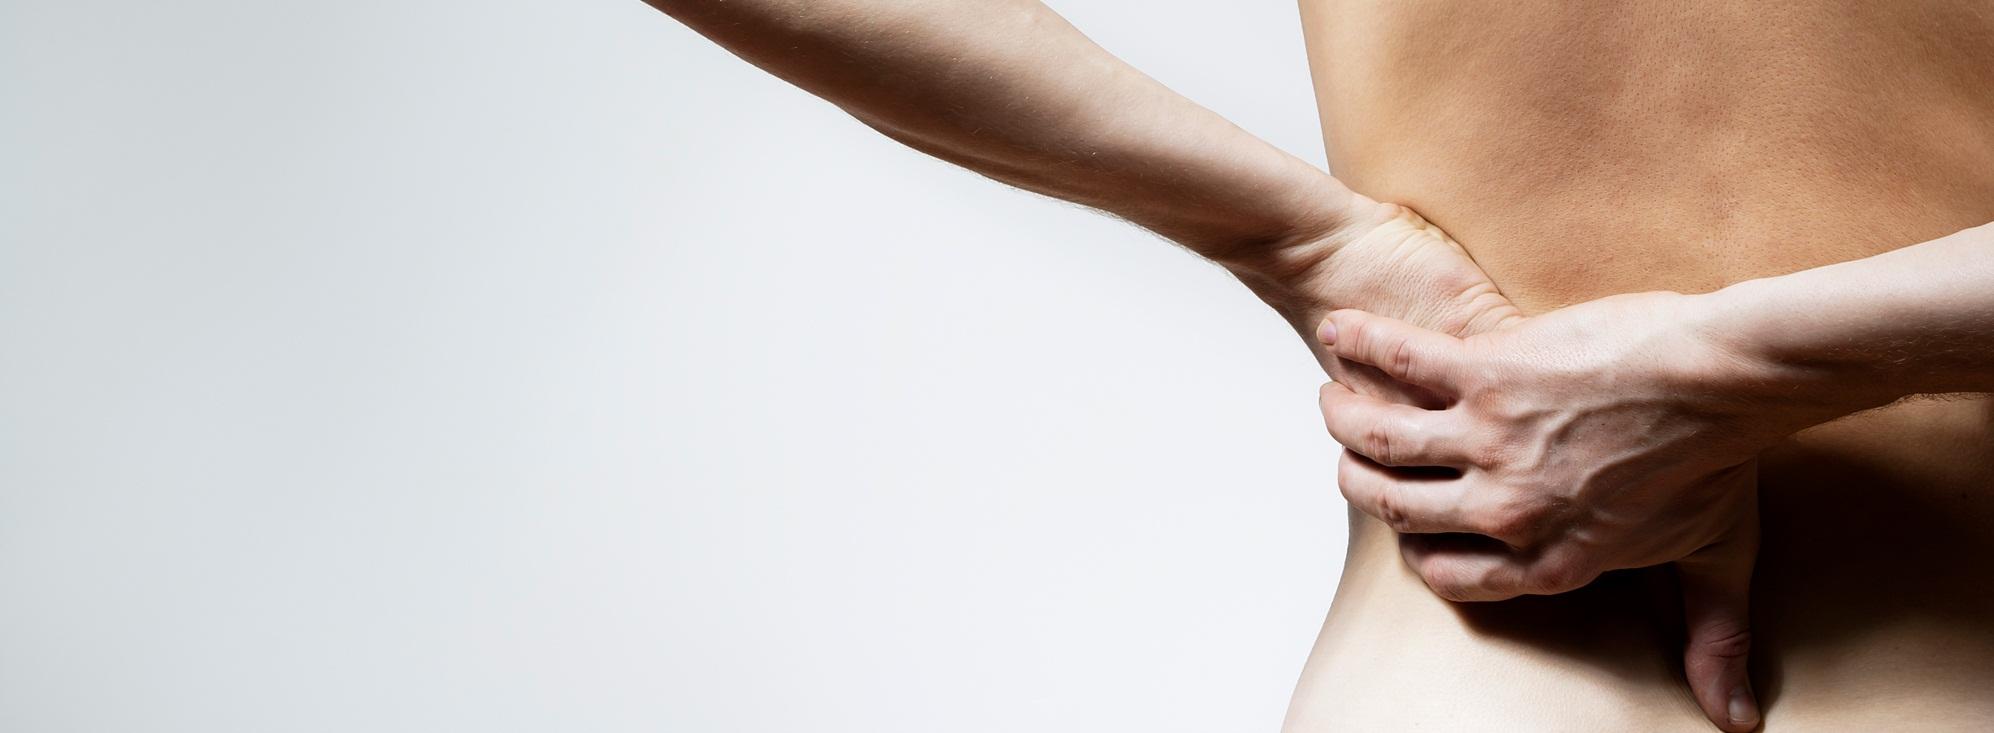 Резкая боль в левом боку со спины